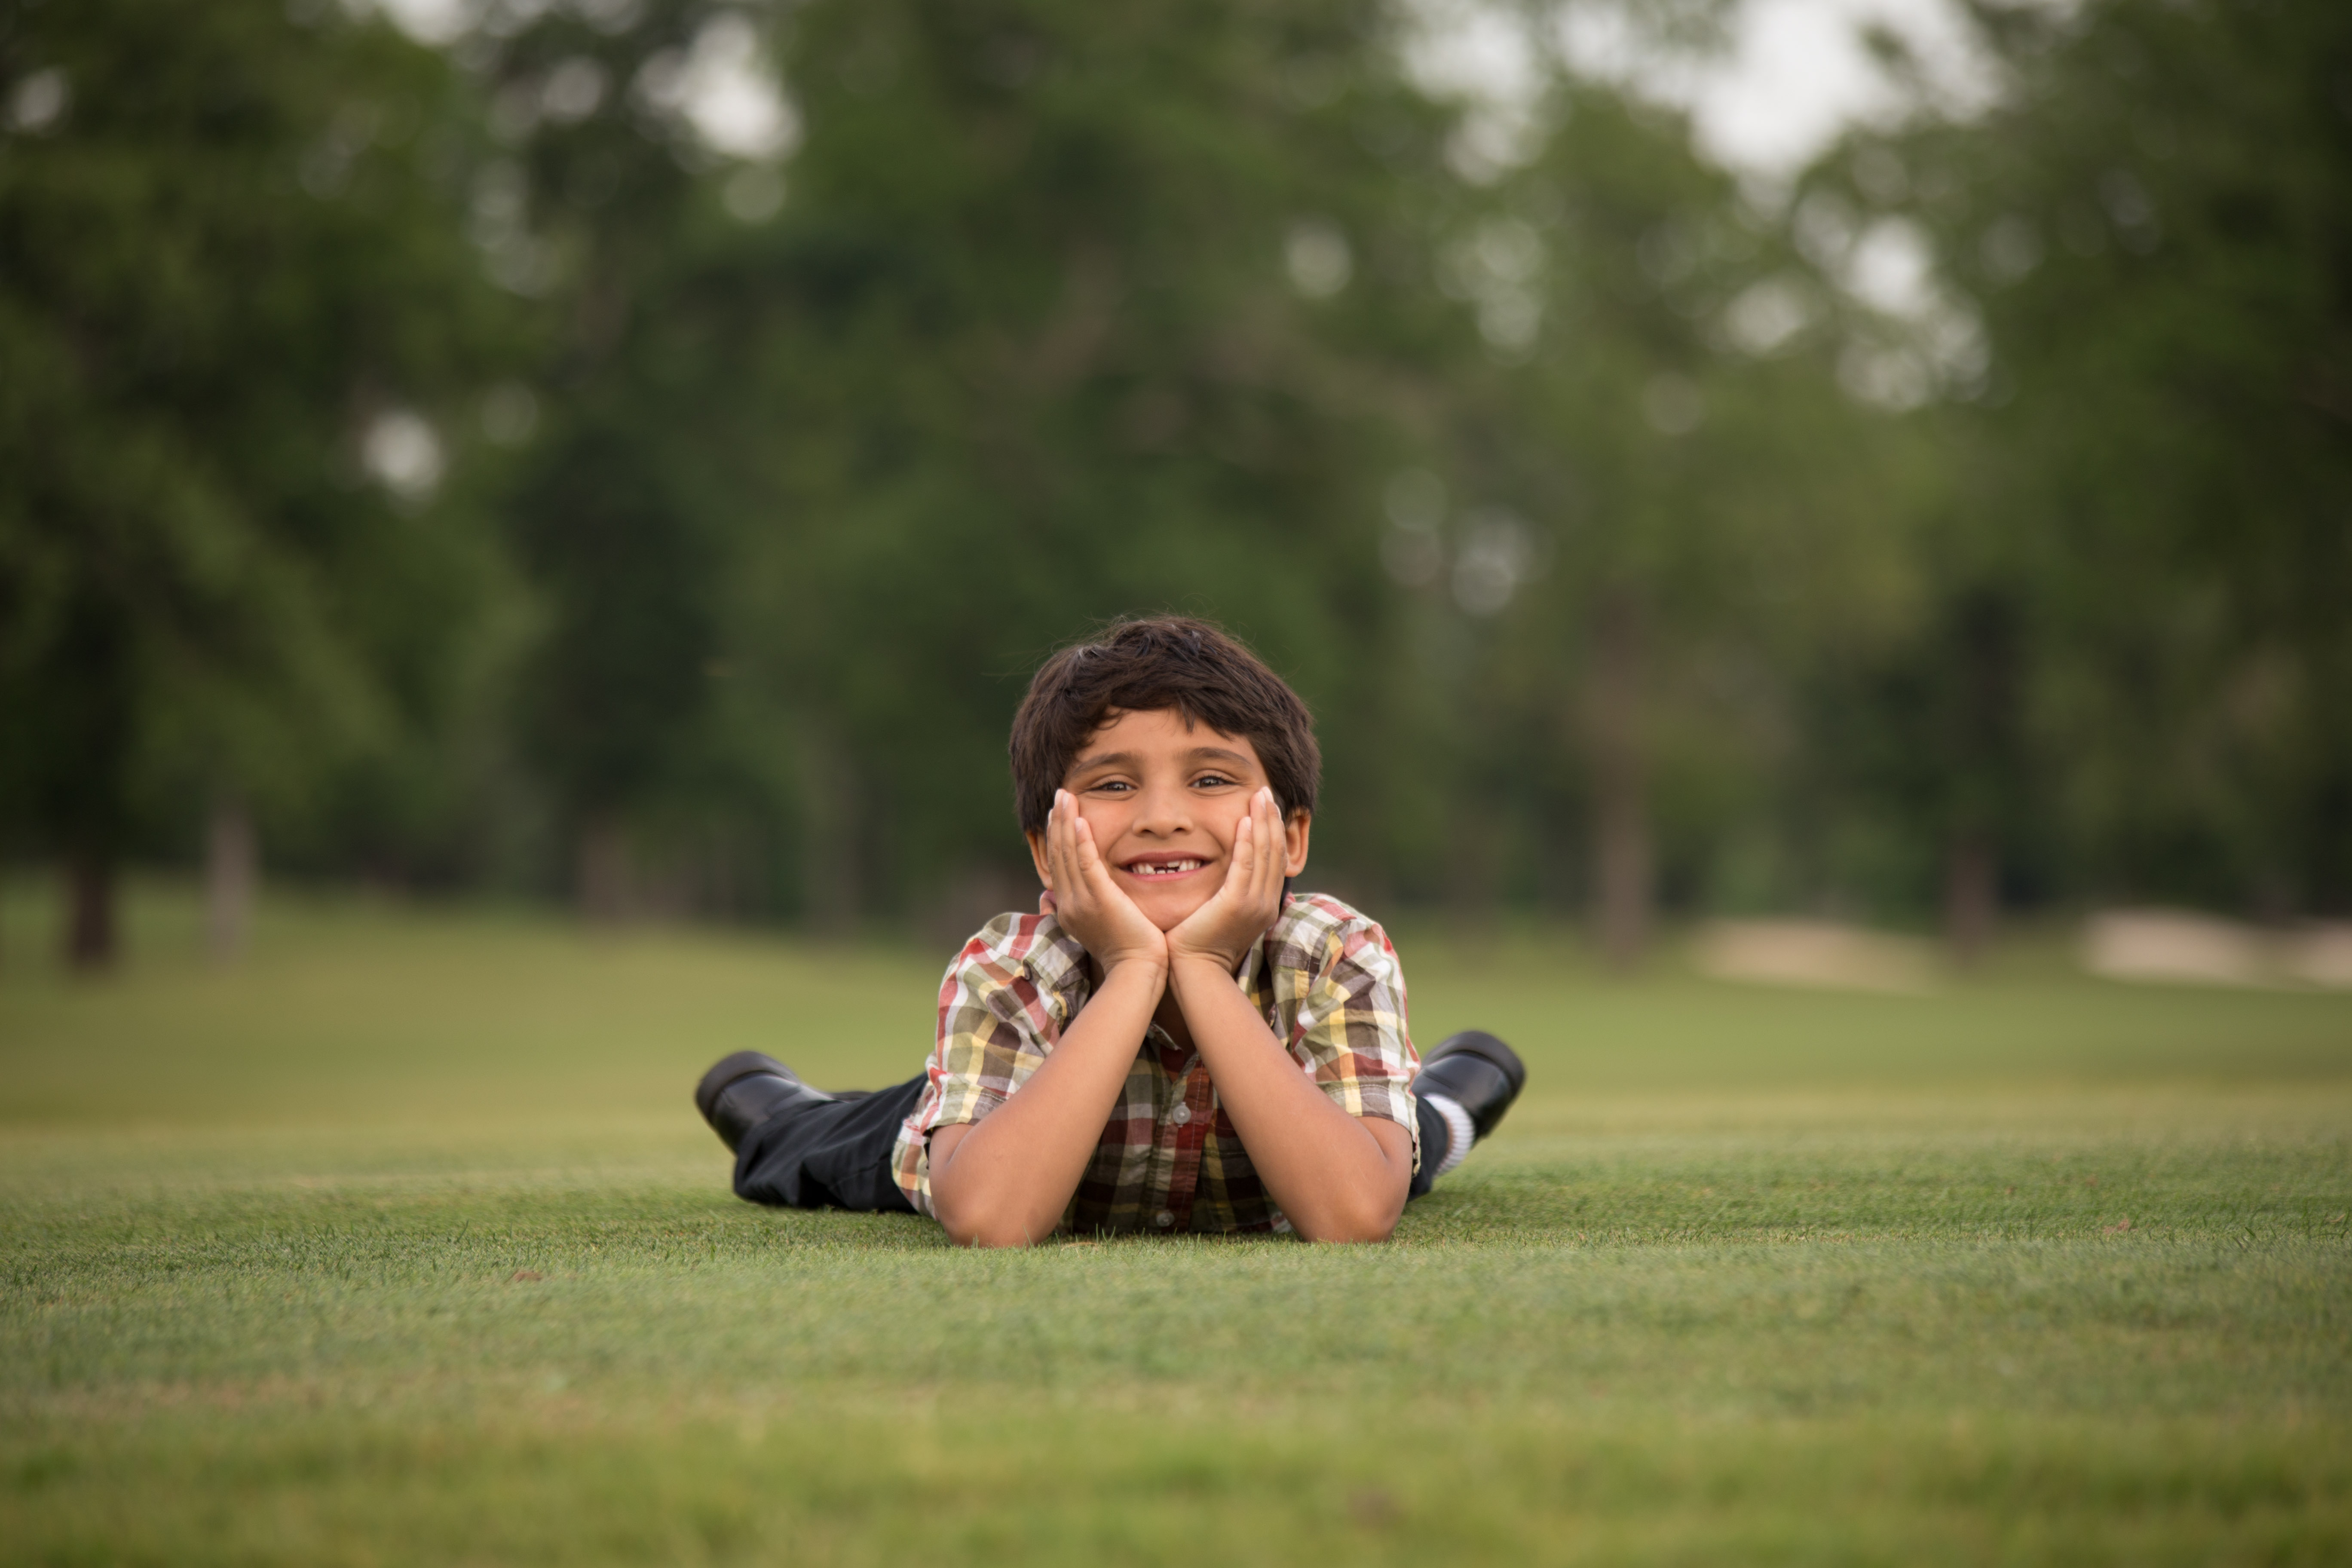 akash_golf-1 - Kids First Pediatric